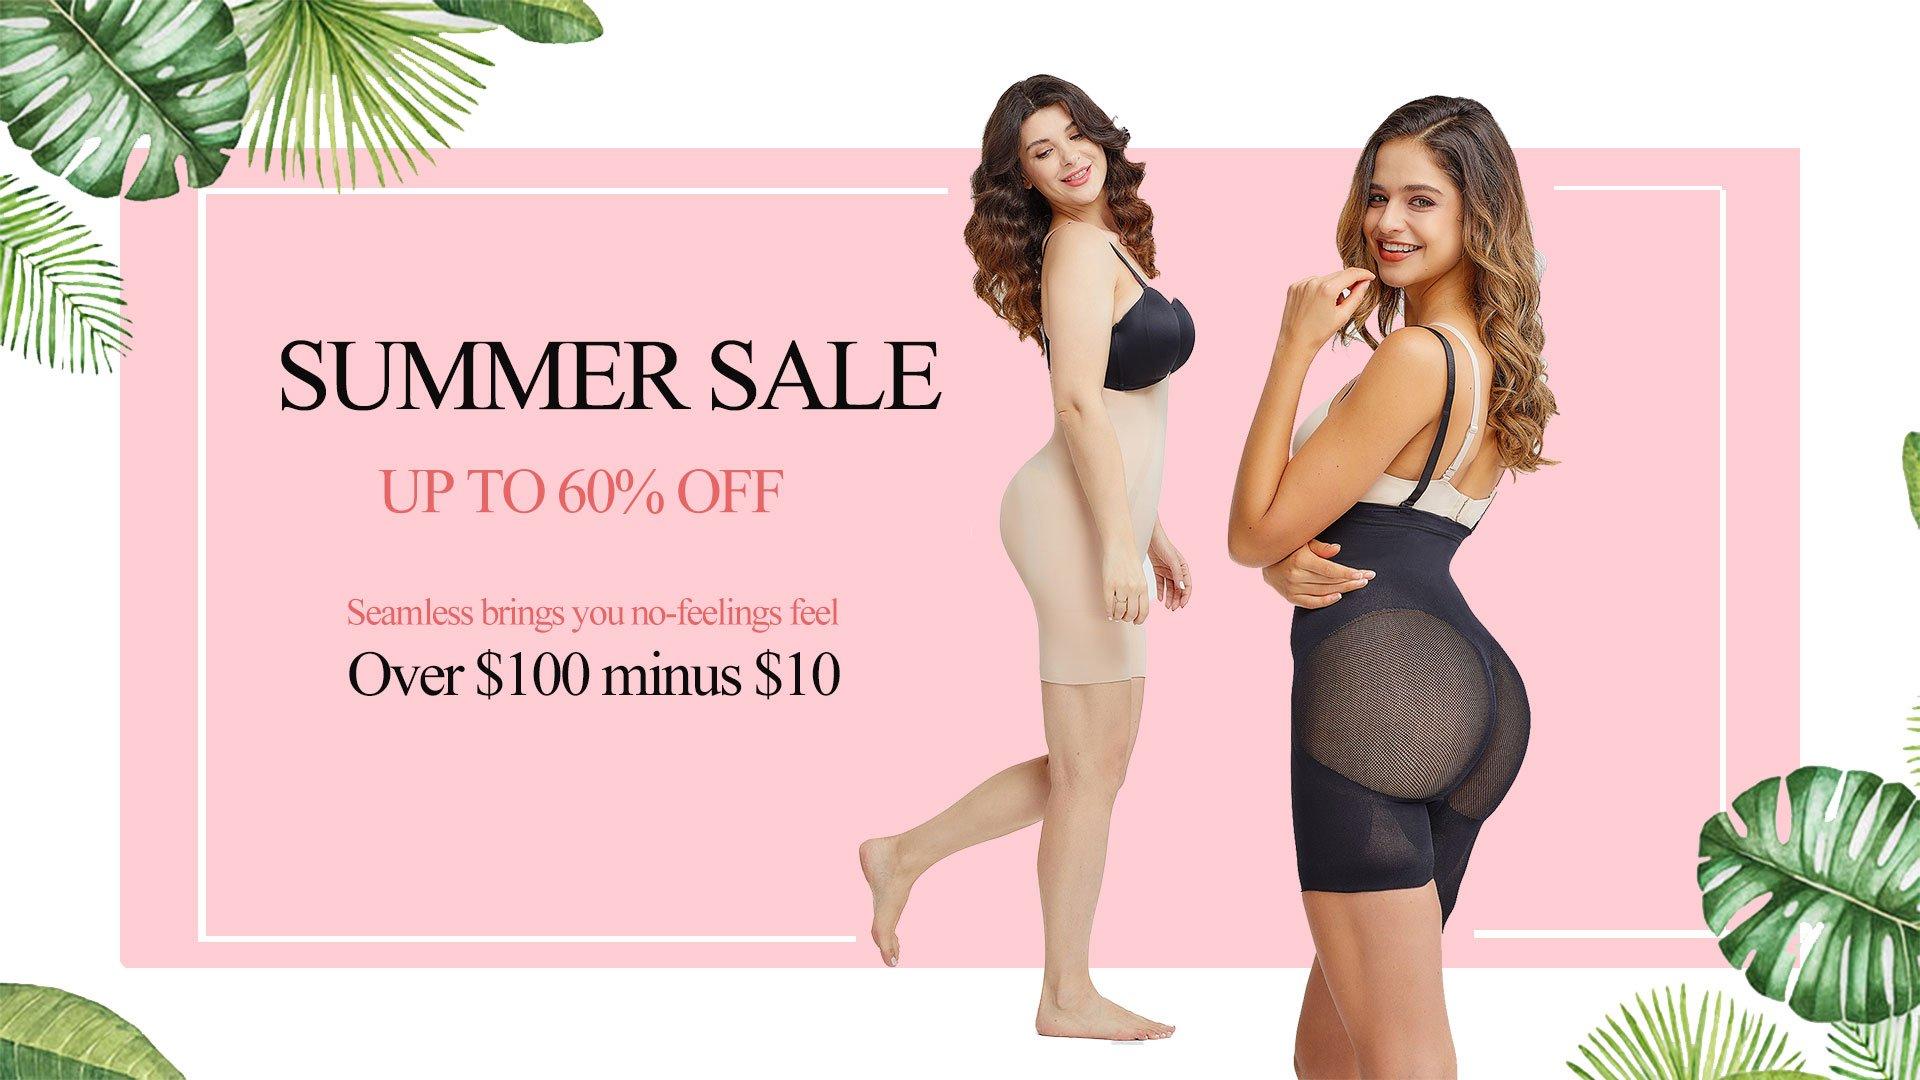 Durafits Summer Sale